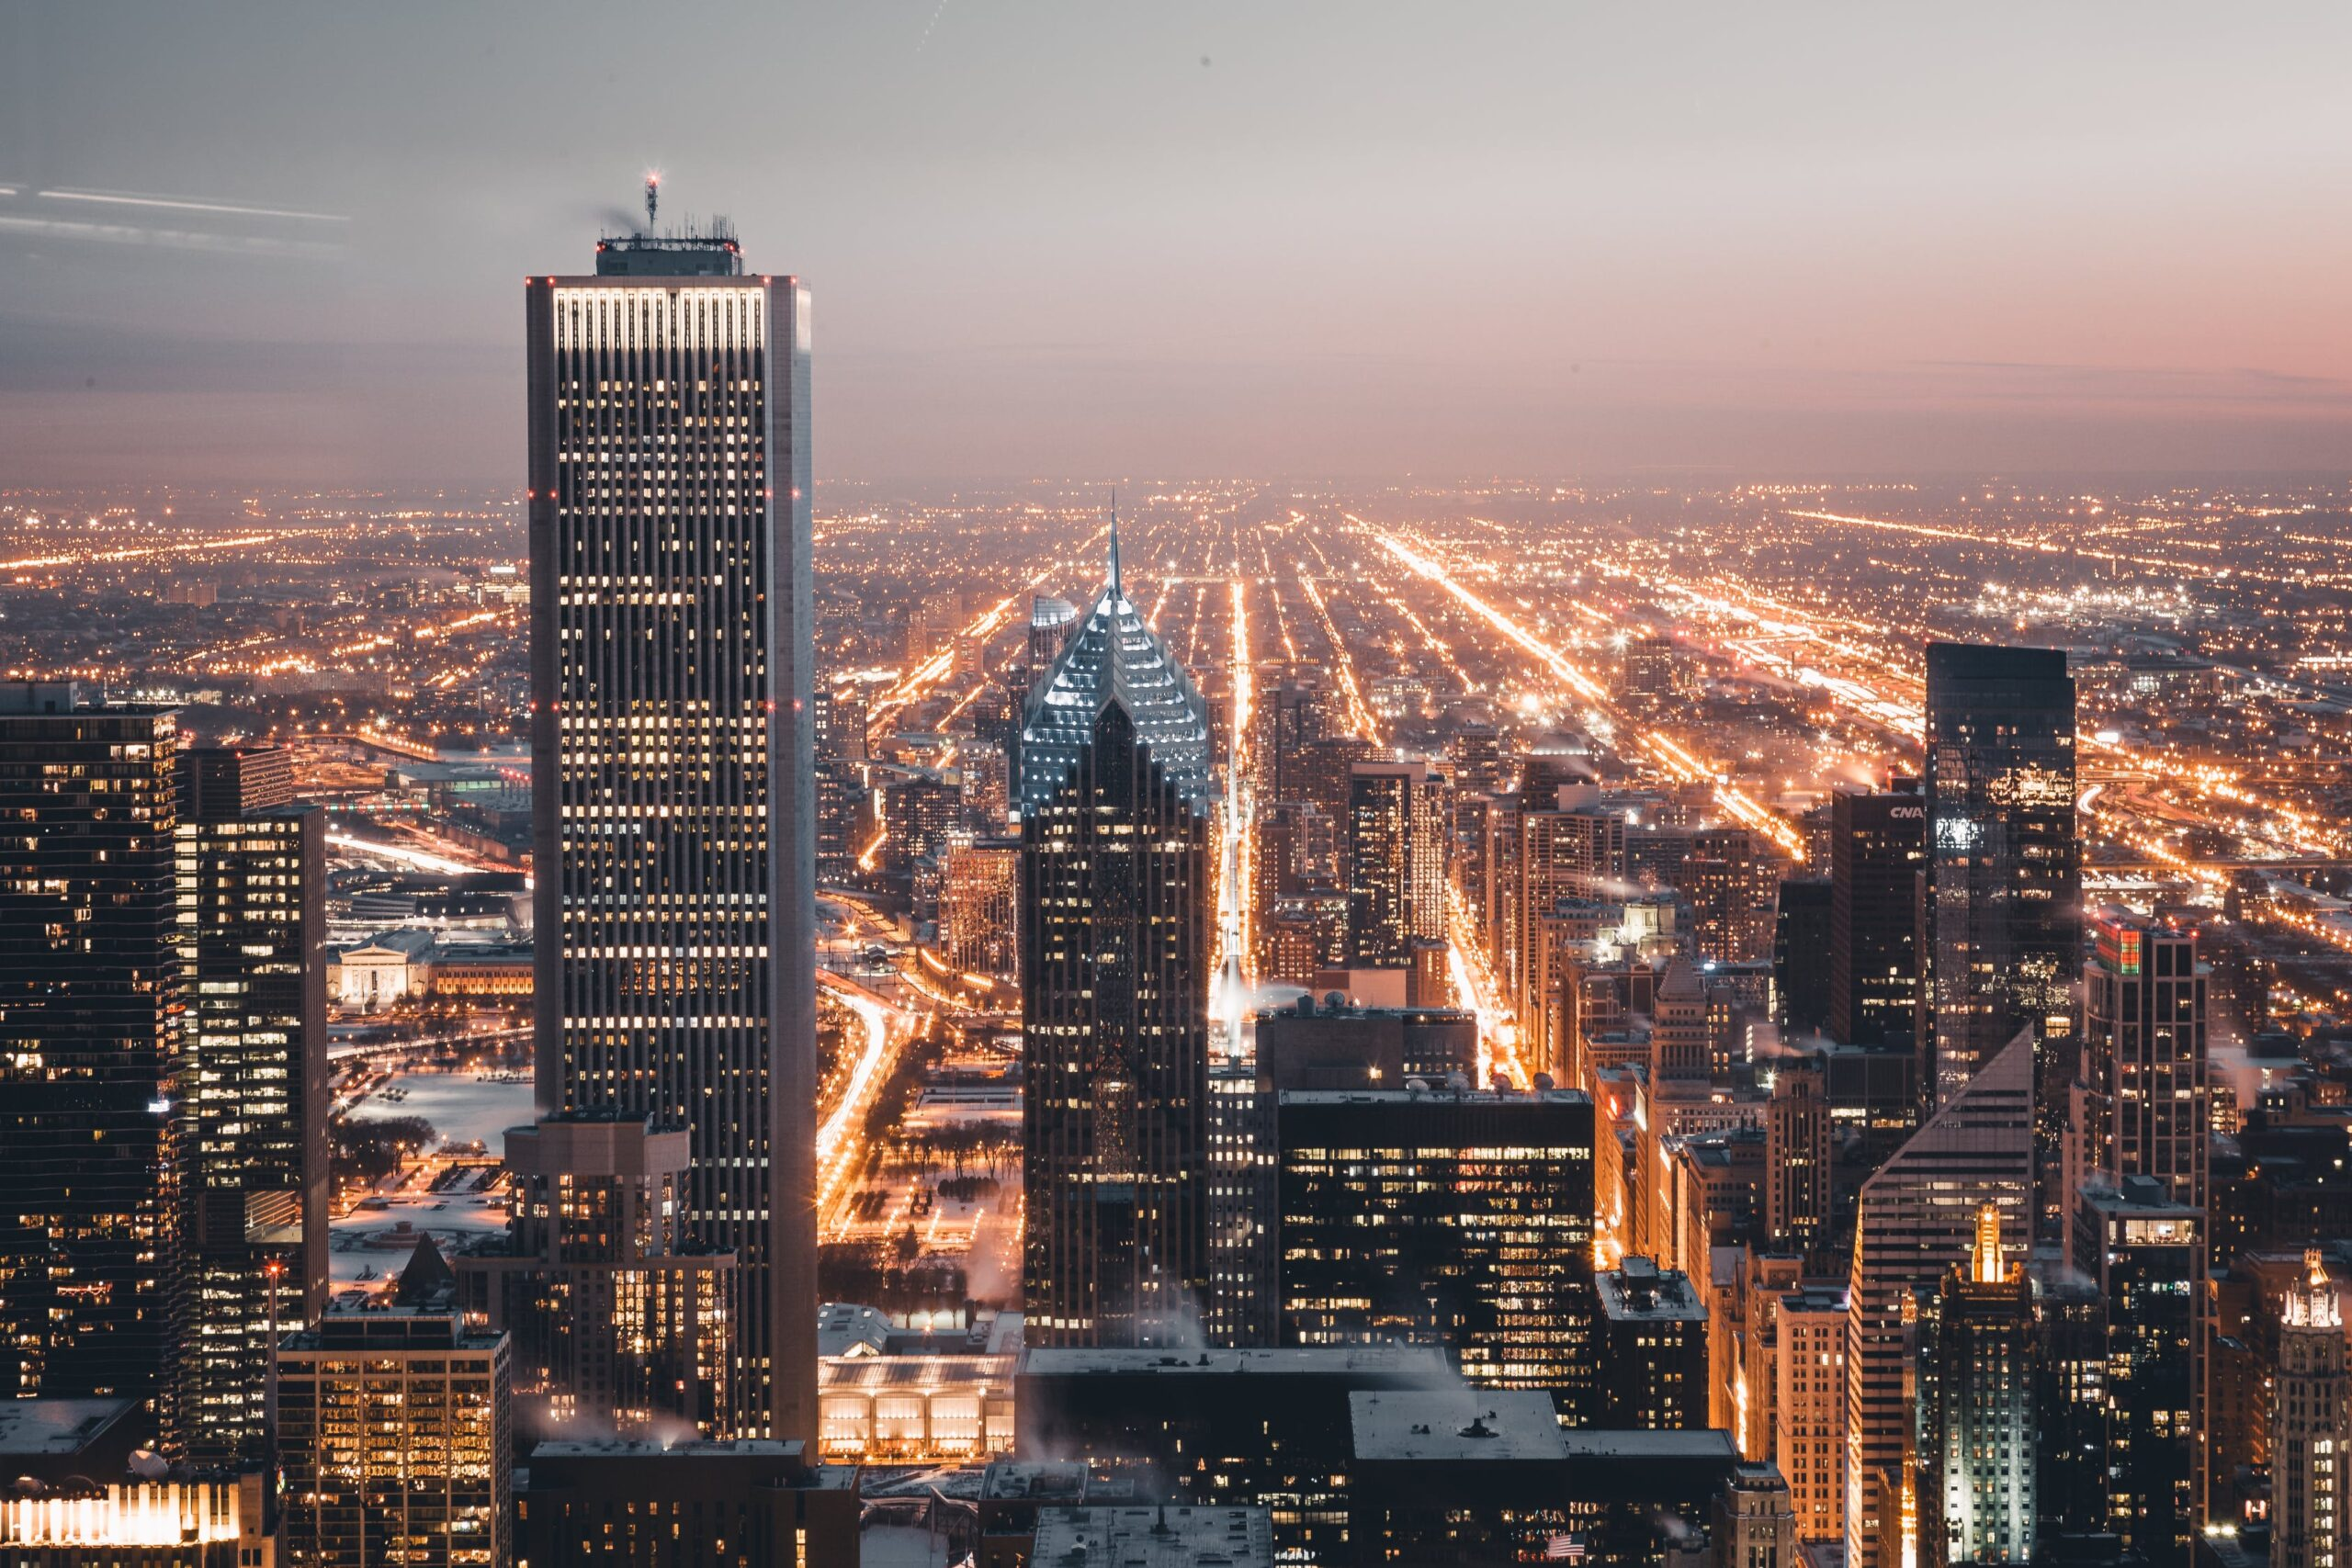 La ciudad como fábrica de ideas